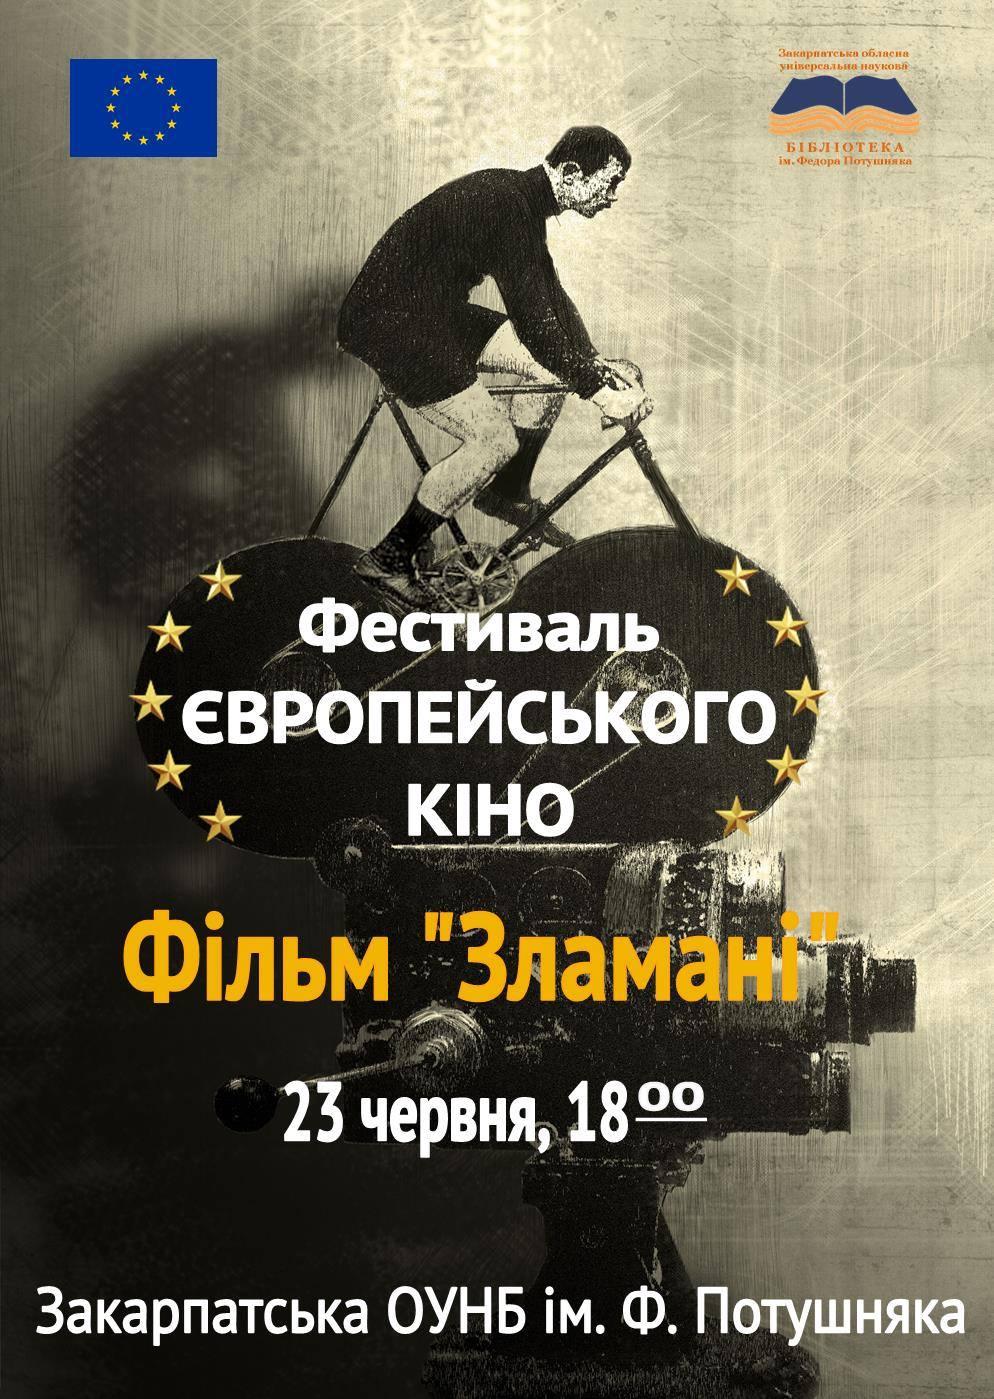 В обласній бібліотеці Закарпаття покажуть європейське кіно